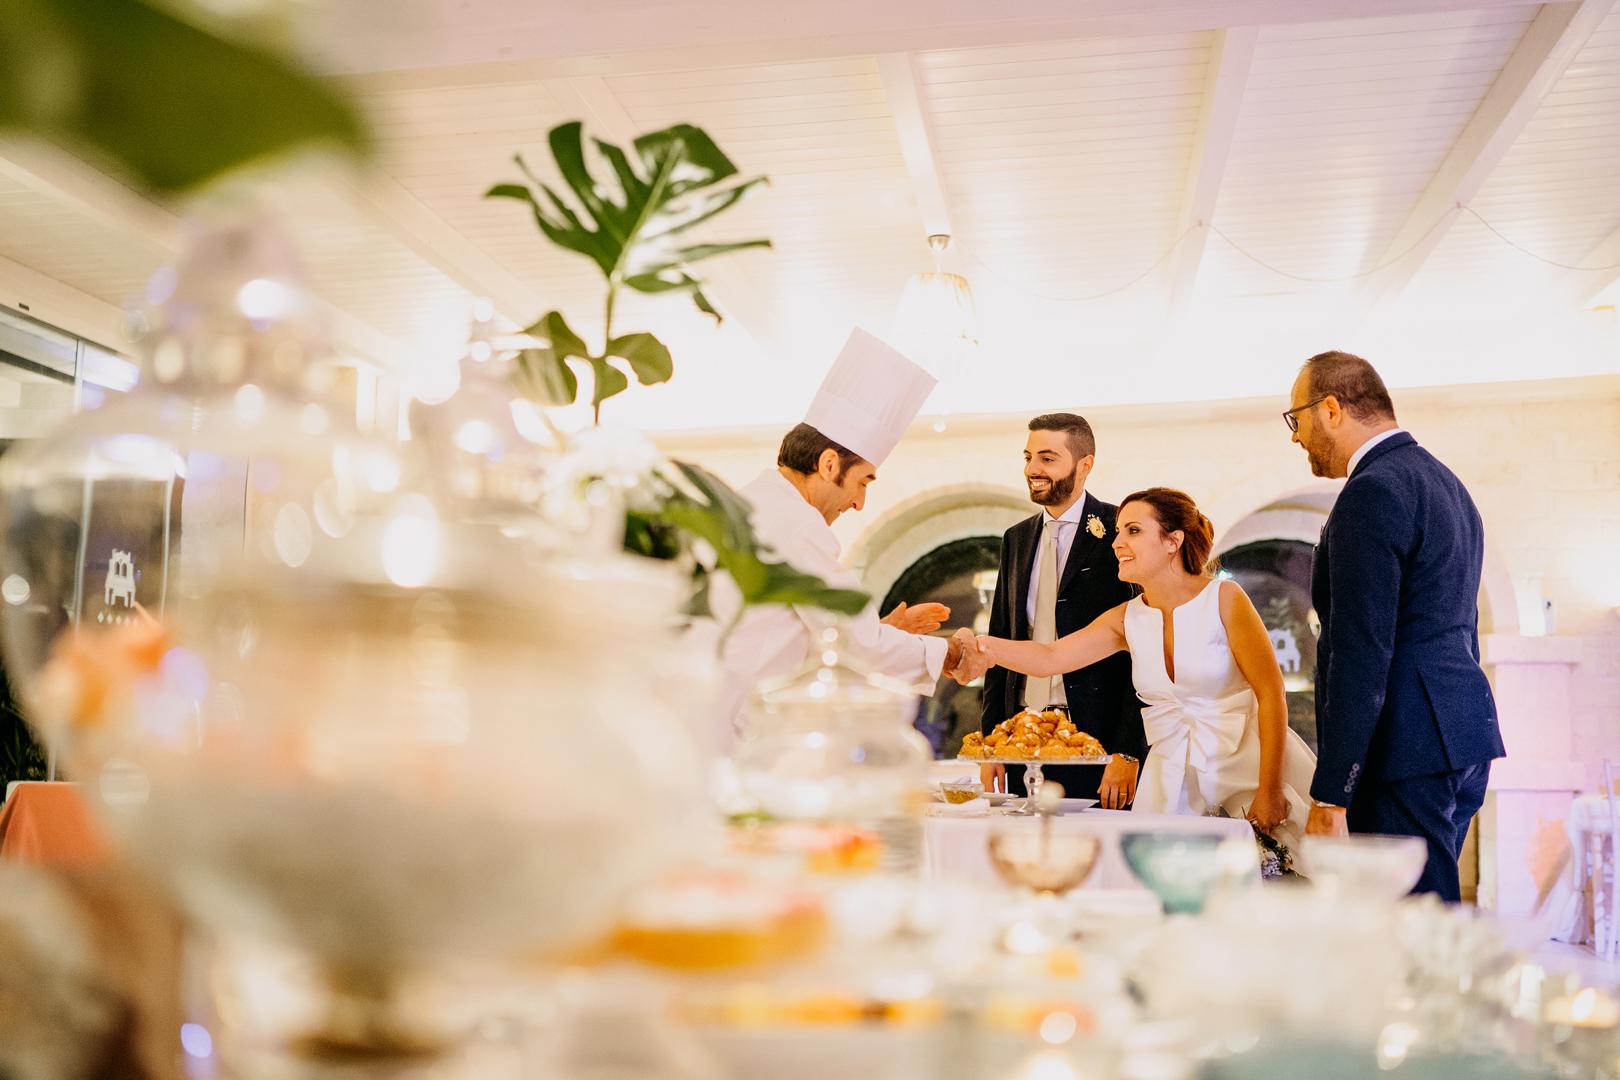 87 gianni-lepore-buffet-dolci-matrimonio